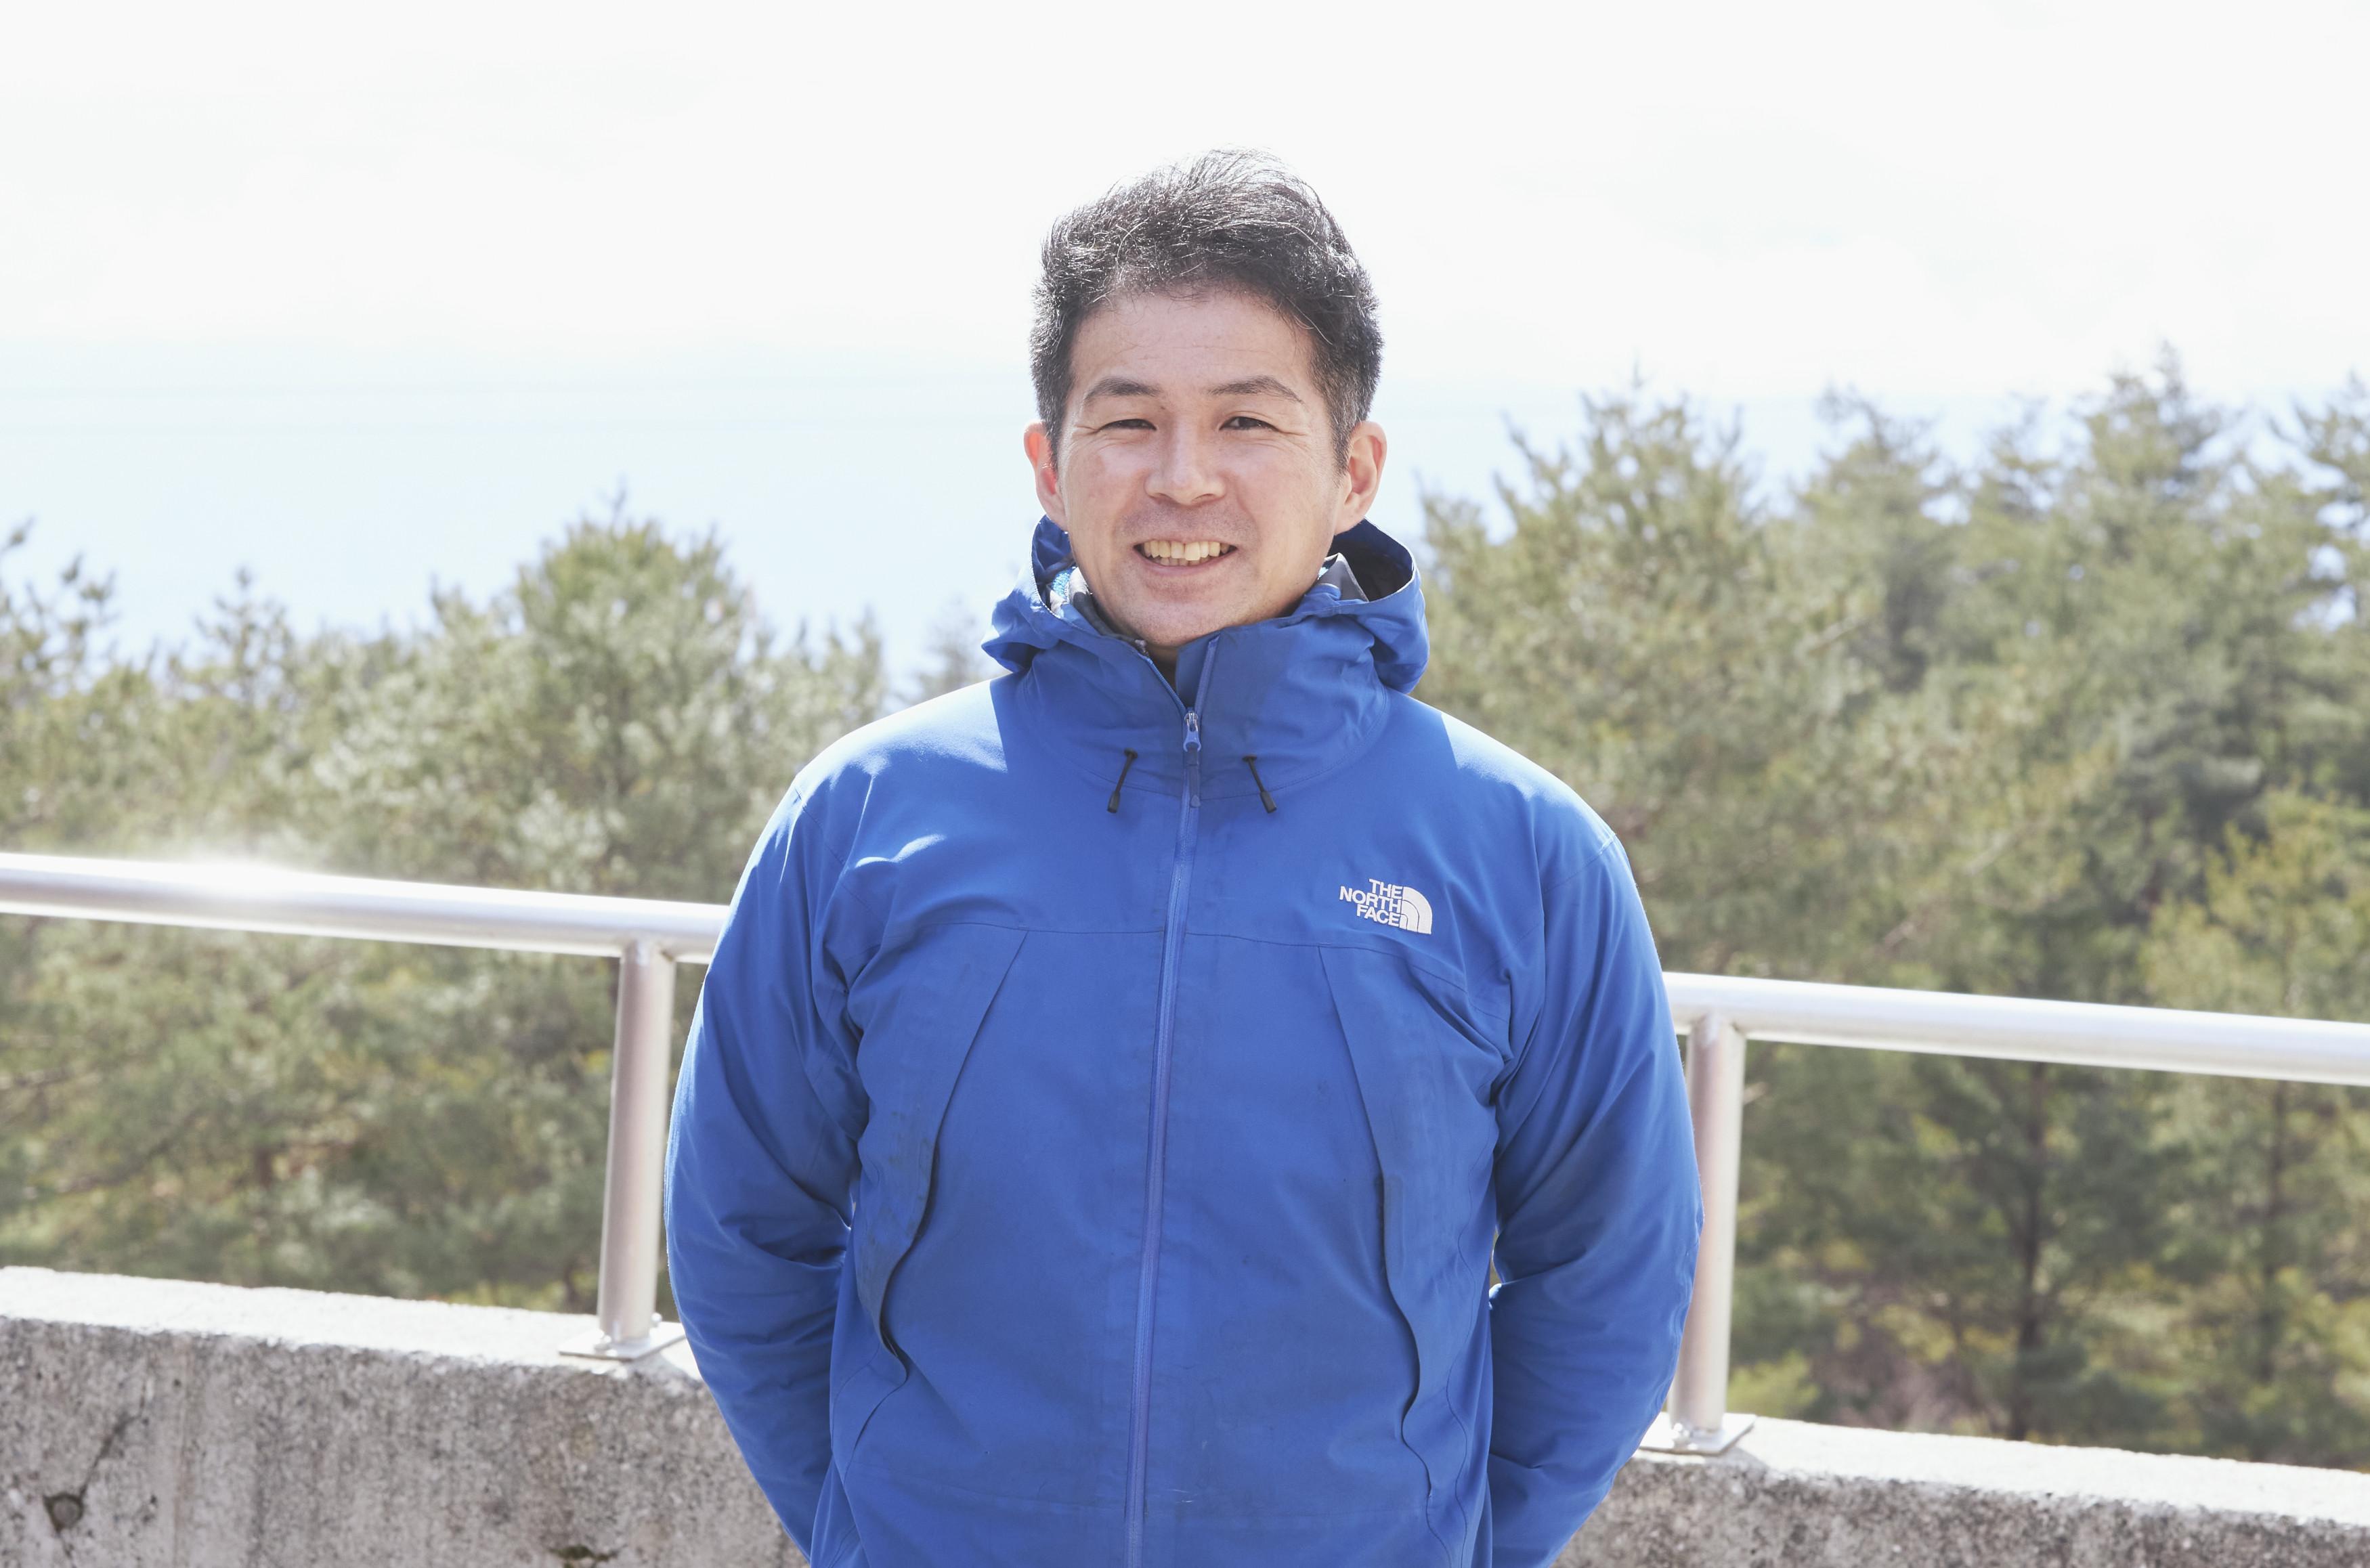 アクティビティユニットディレクター・間島竜也氏。「雪ッズ70」の開発を手掛けたベテランで子どもから人気